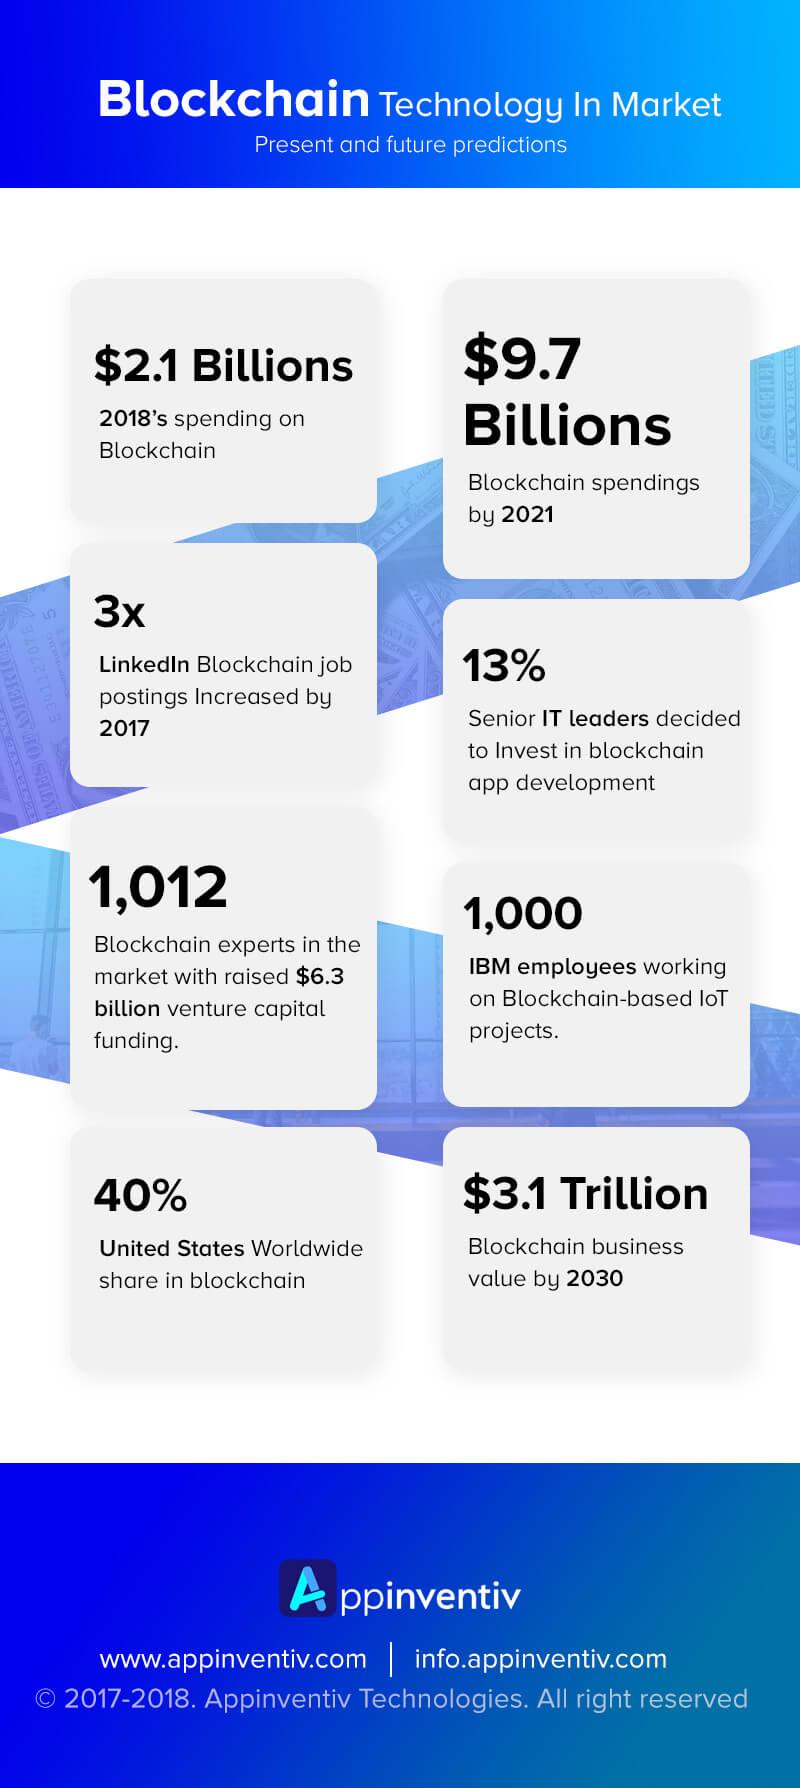 Blockchain in Market (Infographic)